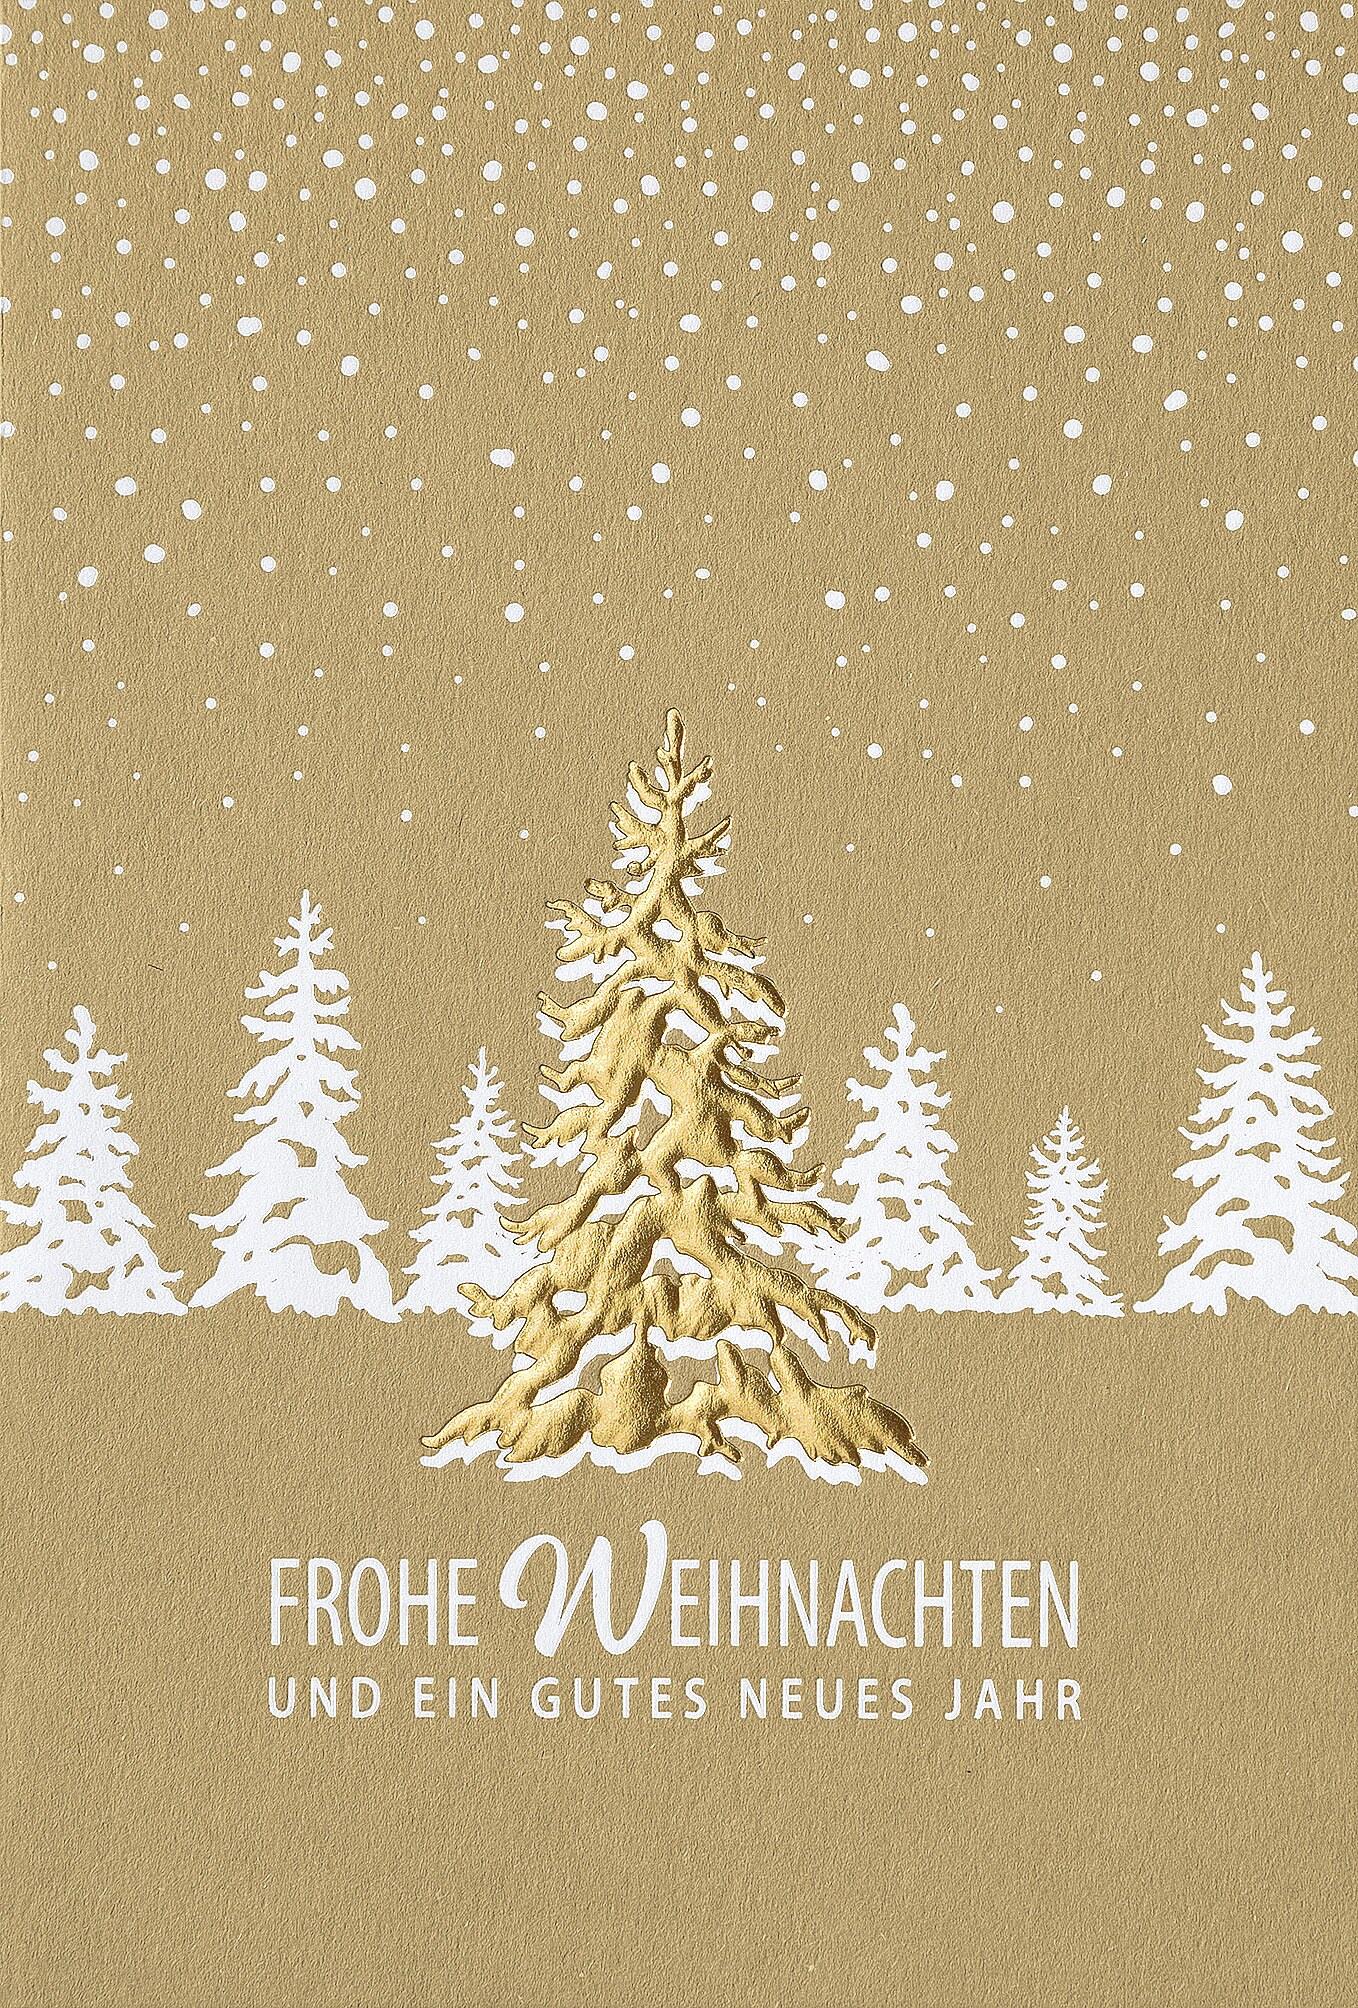 Einlegeblätter Für Weihnachtskarten.Weihnachtskarte Mit Hülle Inklusive Kuvert Mit Einlegeblatt Artnr